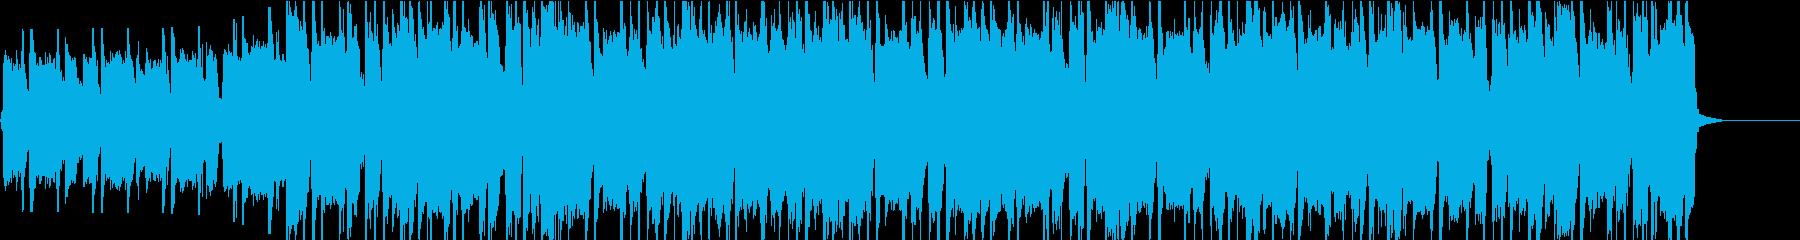 ポップなエレキギターオープニング・リフ2の再生済みの波形